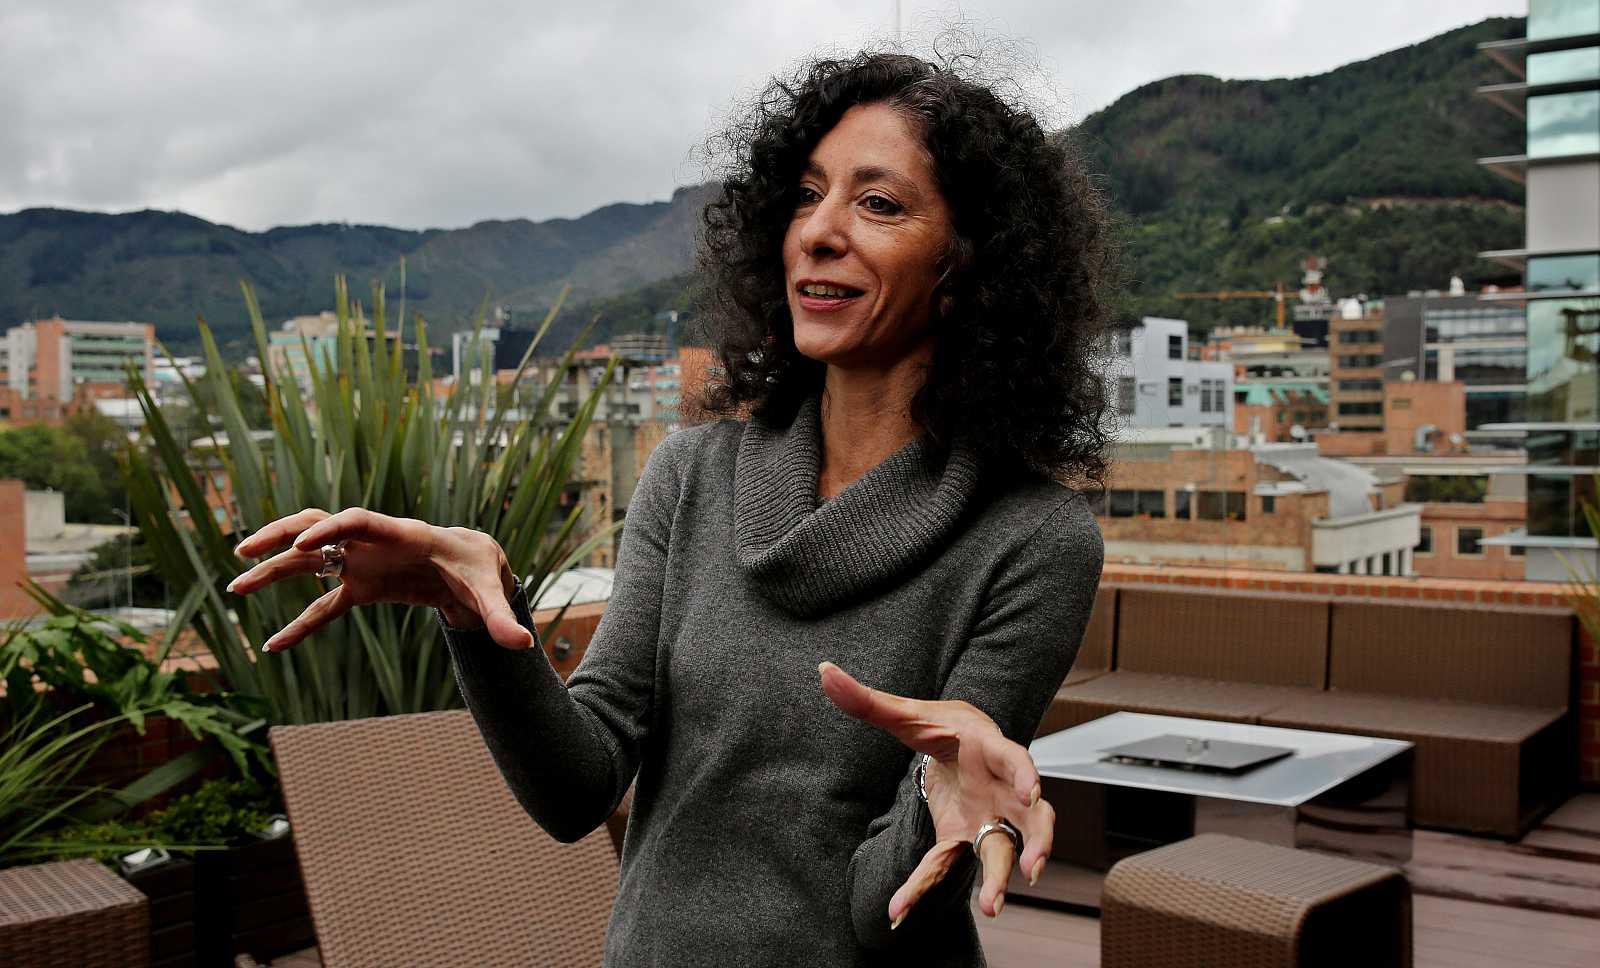 El ojo crítico - 'Frutos Extraños', con Leila Guerriero - 29/10/20 - escuchar ahora